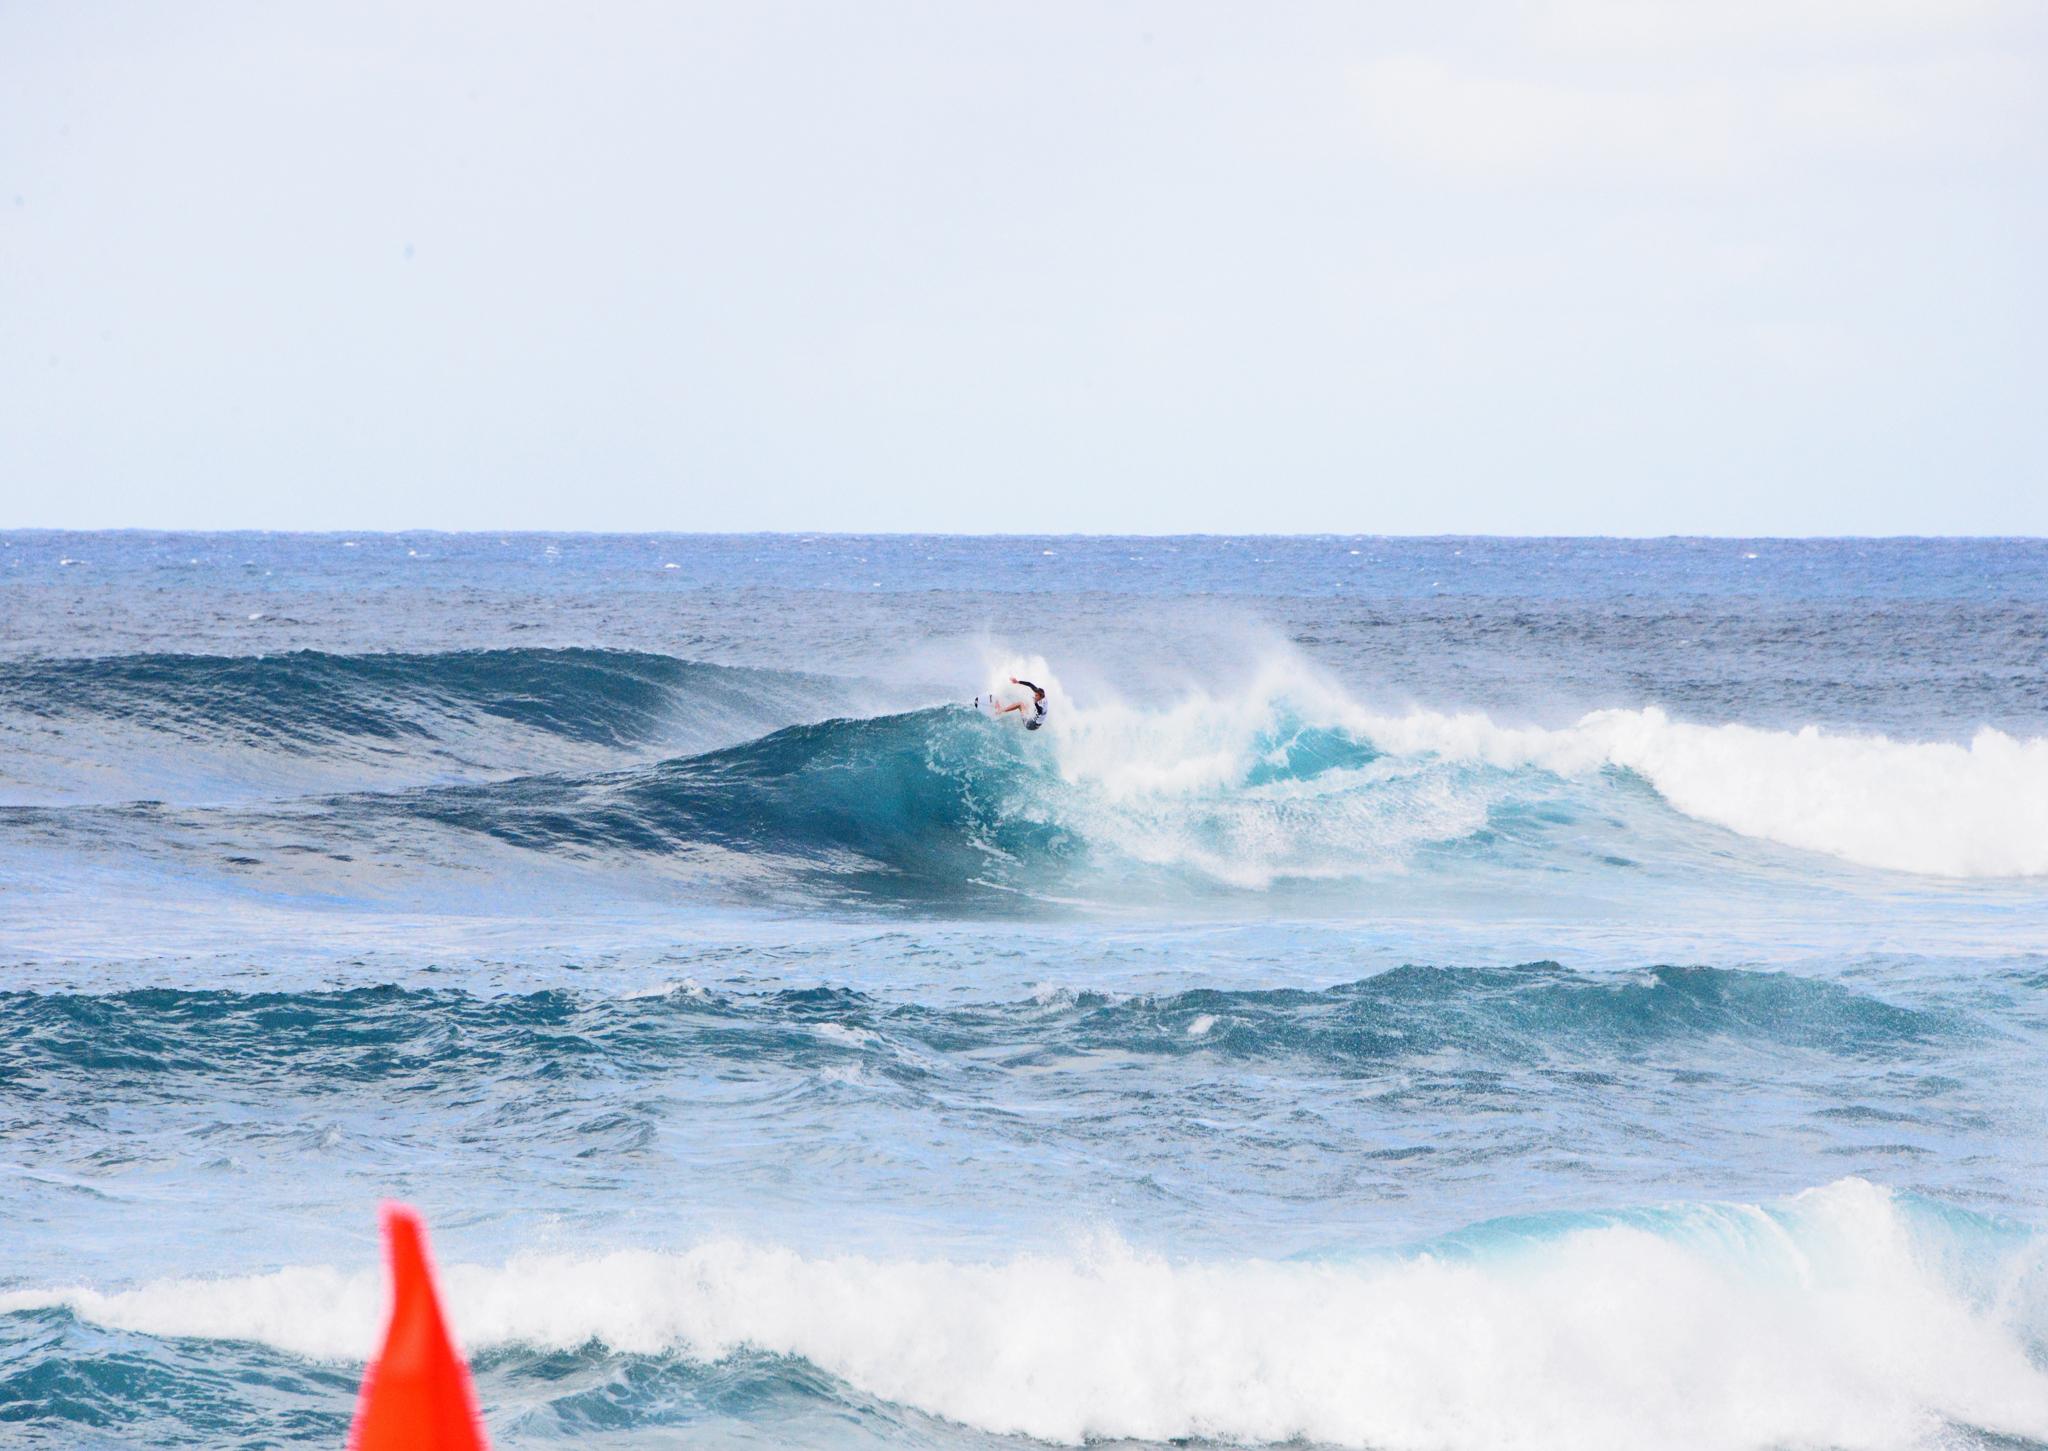 ⇑ サーフィンなんて全く知らない自分でも実にうまいと思いました